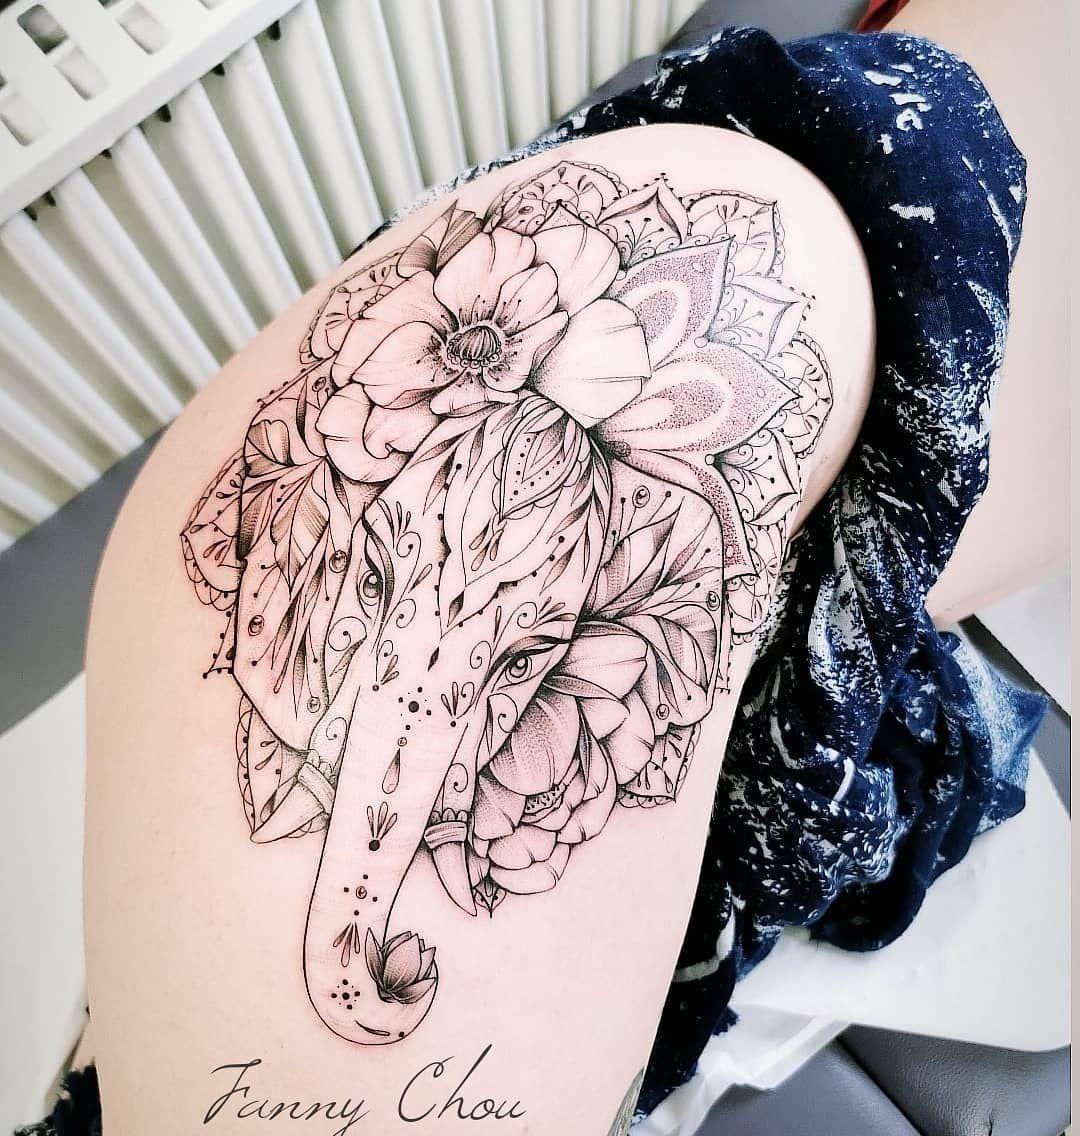 Elefante / Mandala 🥰 gostaram?  Trabalho realizado por @fannychoutattoo Sigam muito @fannychoutattoo 👏🏻👏🏻 @fannychoutattoo @fannychoutattoo . . . . #tatuagens#instatattoo#tatuagemsp #tattoo#tatuagem#tatuagemfeminina#tattoos #tatuagembrasil#tatuagemdelicada#inked#tattooed #tattooartist#tattooart#tatuaje#floraltattoo #tatuagemmasculina #tatuagemideal#tattooist#tatuagembr#tatuagemcolorida #tatuageminspiradora#tracosfinos #tattoobrasil #tatuagemescrita#mandalatattoo #tatuagems